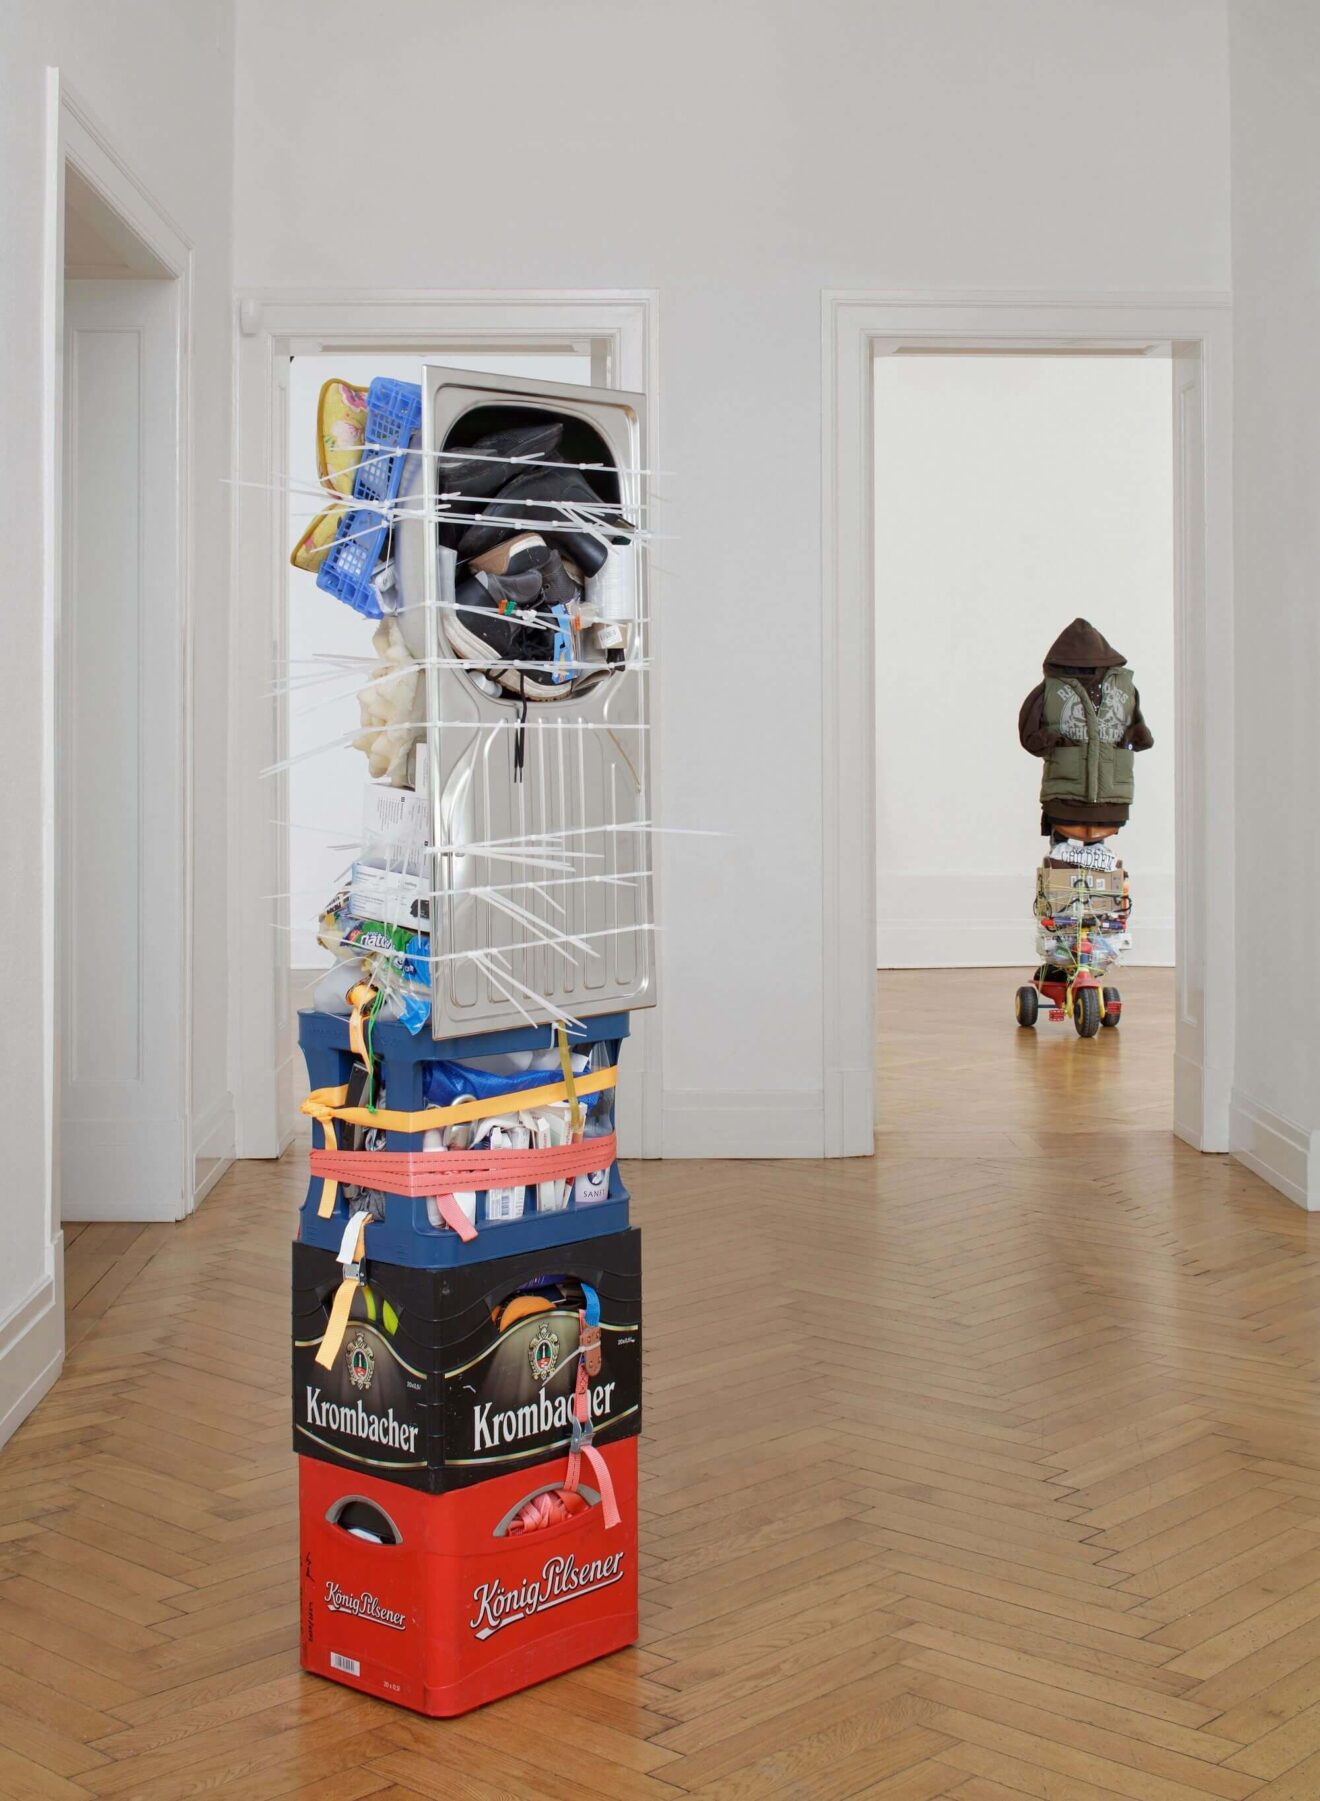 Einzelausstellung 327+ des türkisch-deutschen Künstlers Umut Yasat